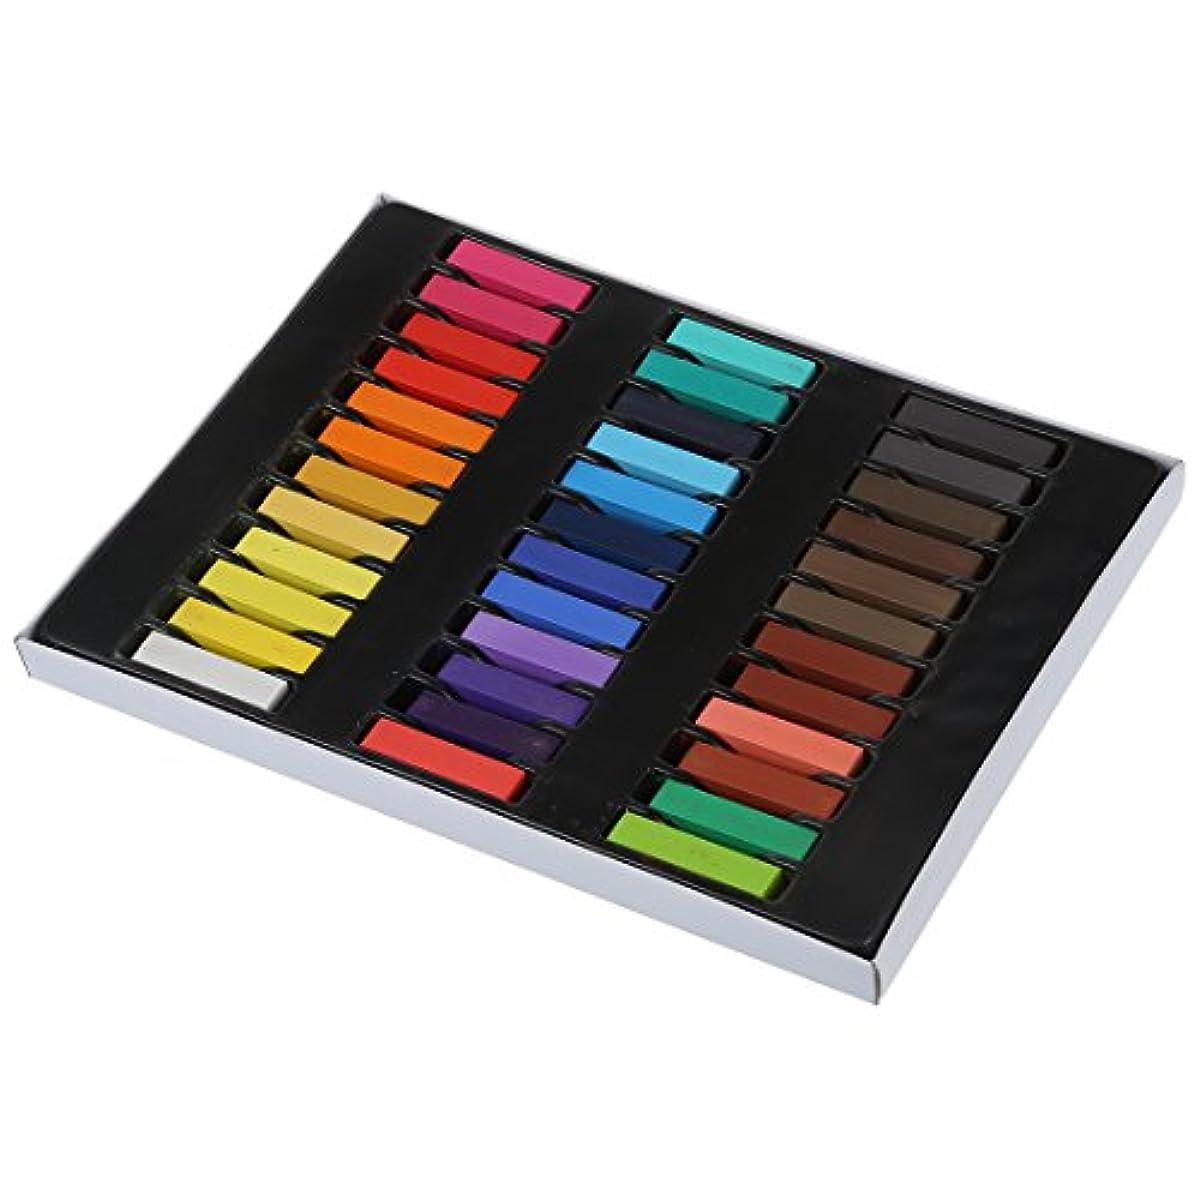 バリー帝国主義天才Gaoominy 36色の髪のチョーク有色の鉛筆 一時サロンキット パステル、ボックス付き